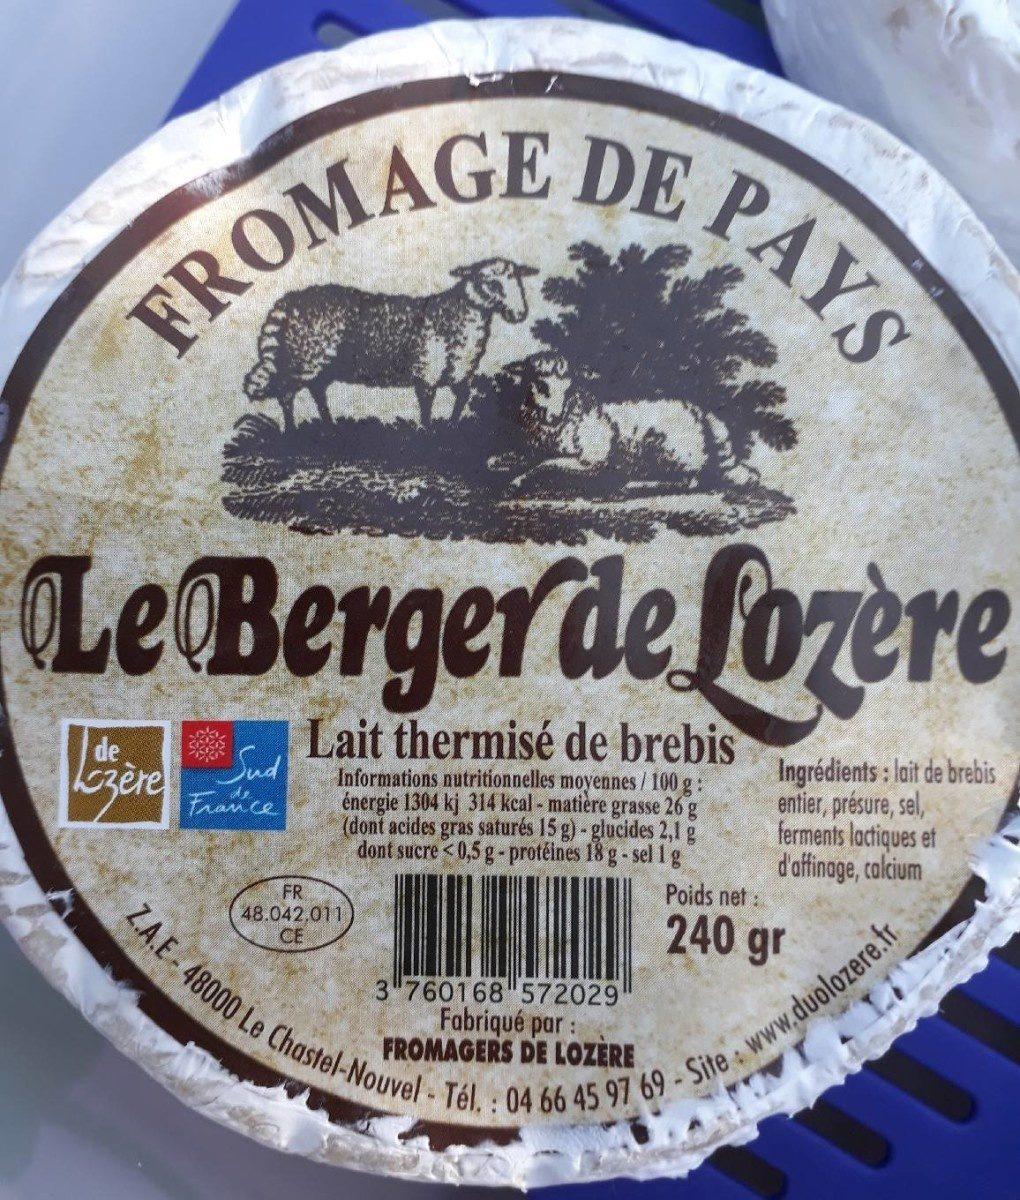 Le Berger de Lozere FROMAGERS DE LOZERE - Product